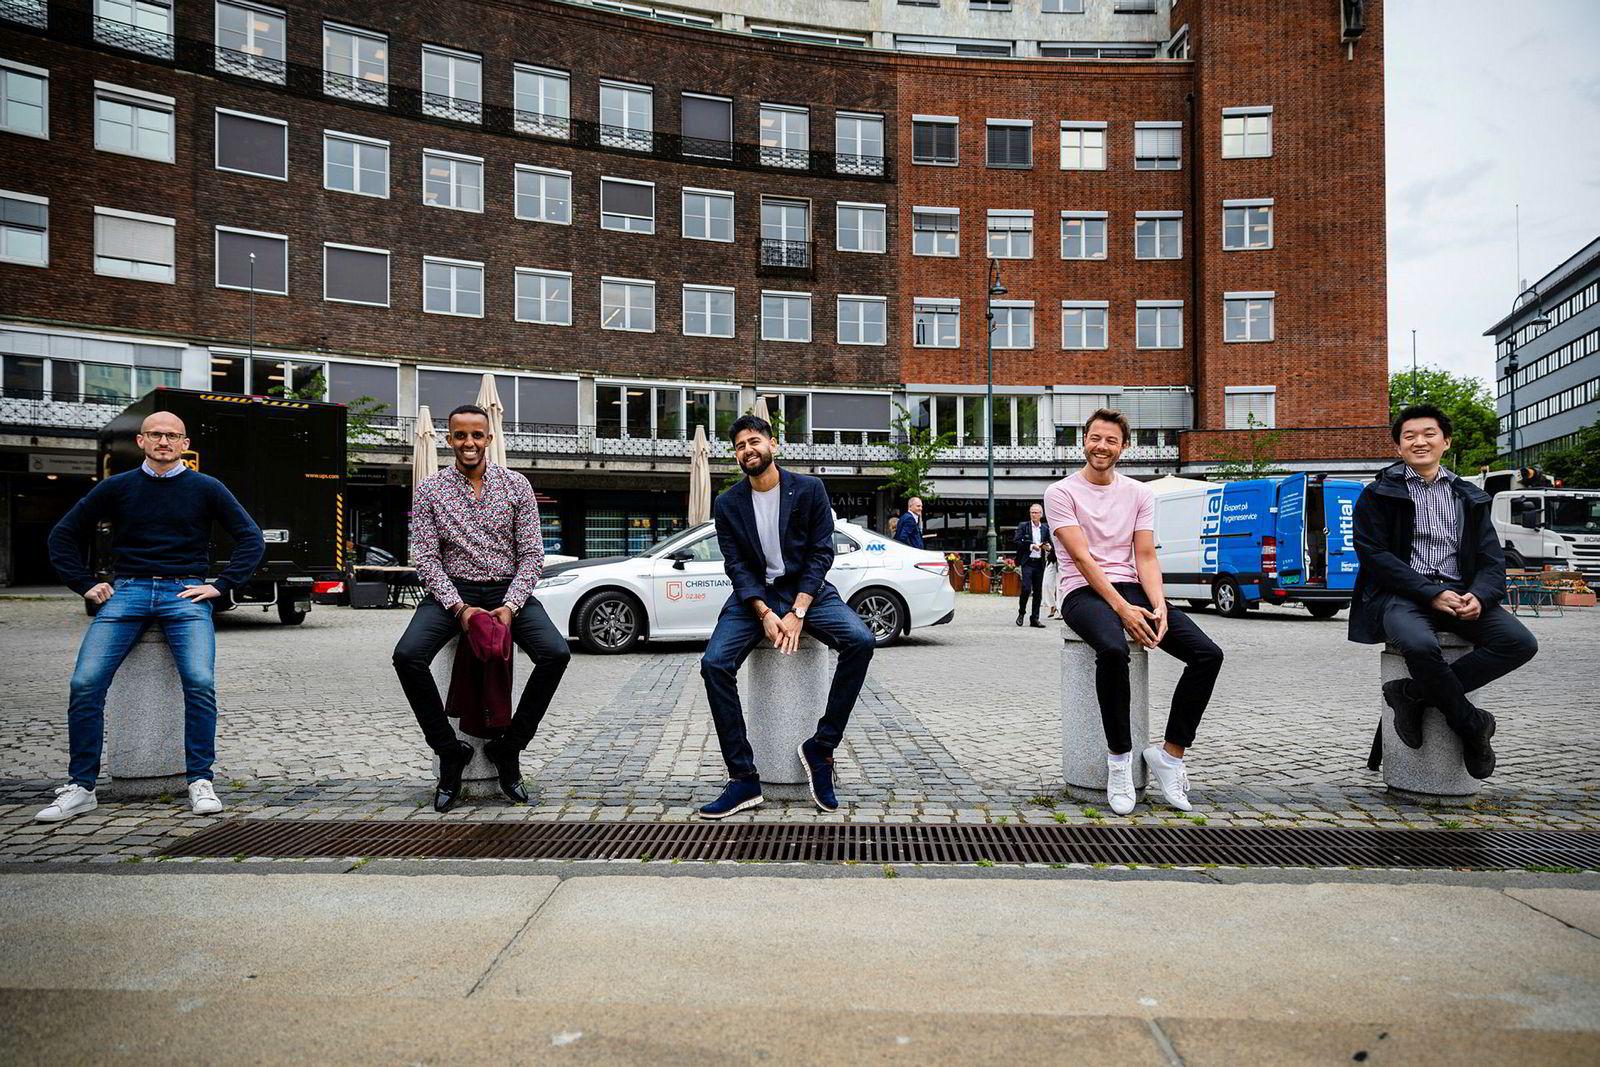 Shafi Adan og Arne Kvale (andre og fjerde fra venstre) gjorde suksess med sin første start-up, men ønsket flere medgründere når de skulle i gang med noe nytt. – Det var helt åpenbart at vi trengte flere folk når vi skulle rette fokuset mot boligmarkedet, sier Adan. Nå har de fått med seg Jan Oftedal fra ABG Sundal Collier (til venstre), Anders Gill med bakgrunn fra Microsoft (i midten), og Jørn Skogsrud fra it-selskapet Sopra Steria.